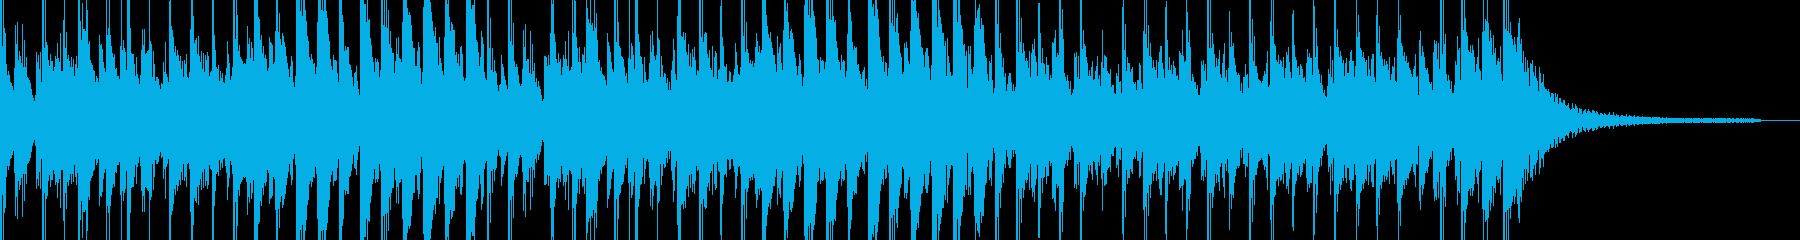 【30秒】上品な商品紹介/チュートリアルの再生済みの波形